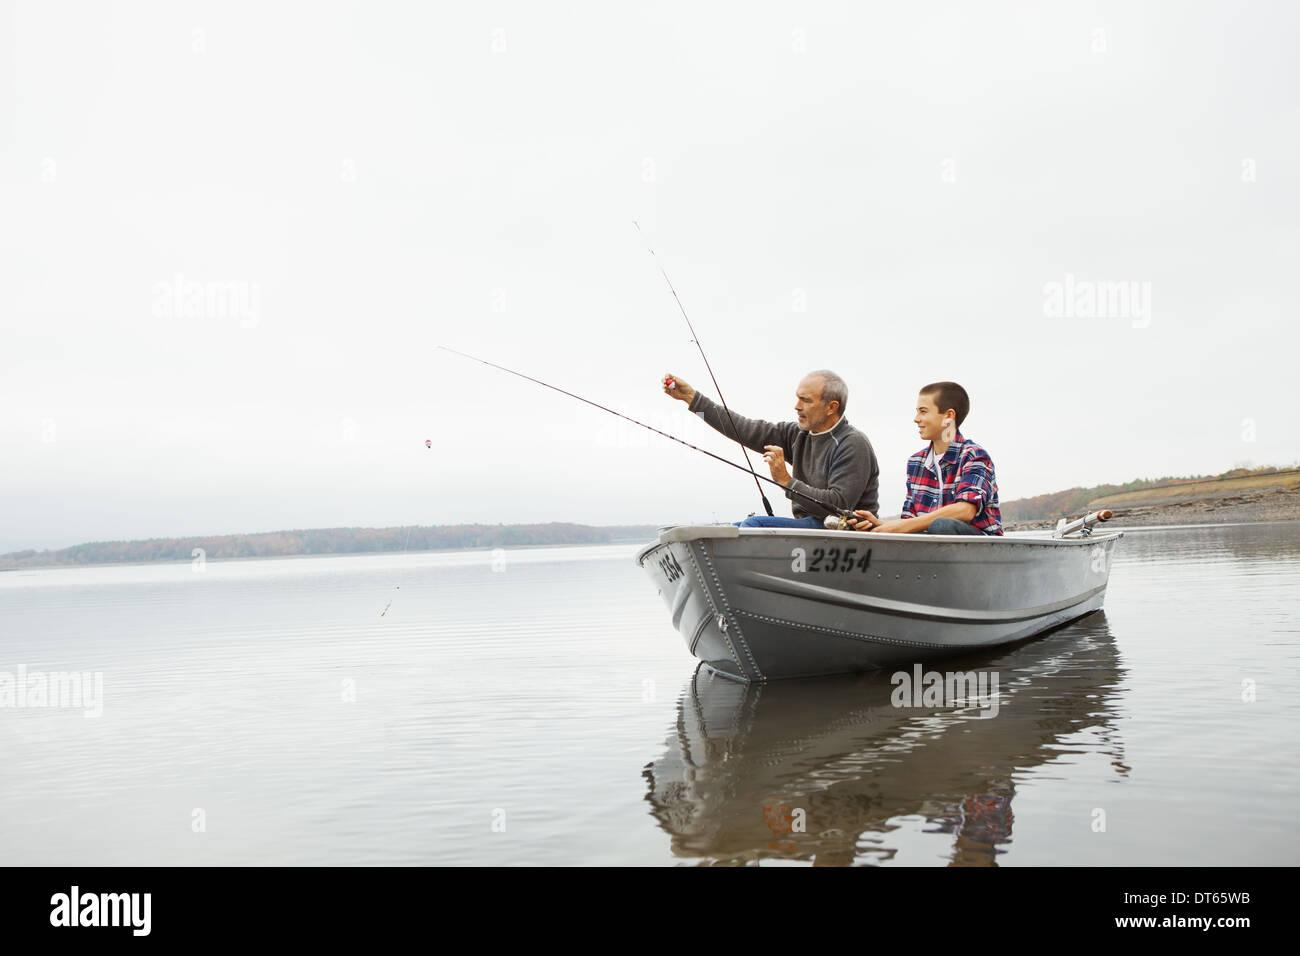 Une journée au lac Ashokan approvisionne. Un homme et un adolescent à partir d'un bateau de pêche. Photo Stock